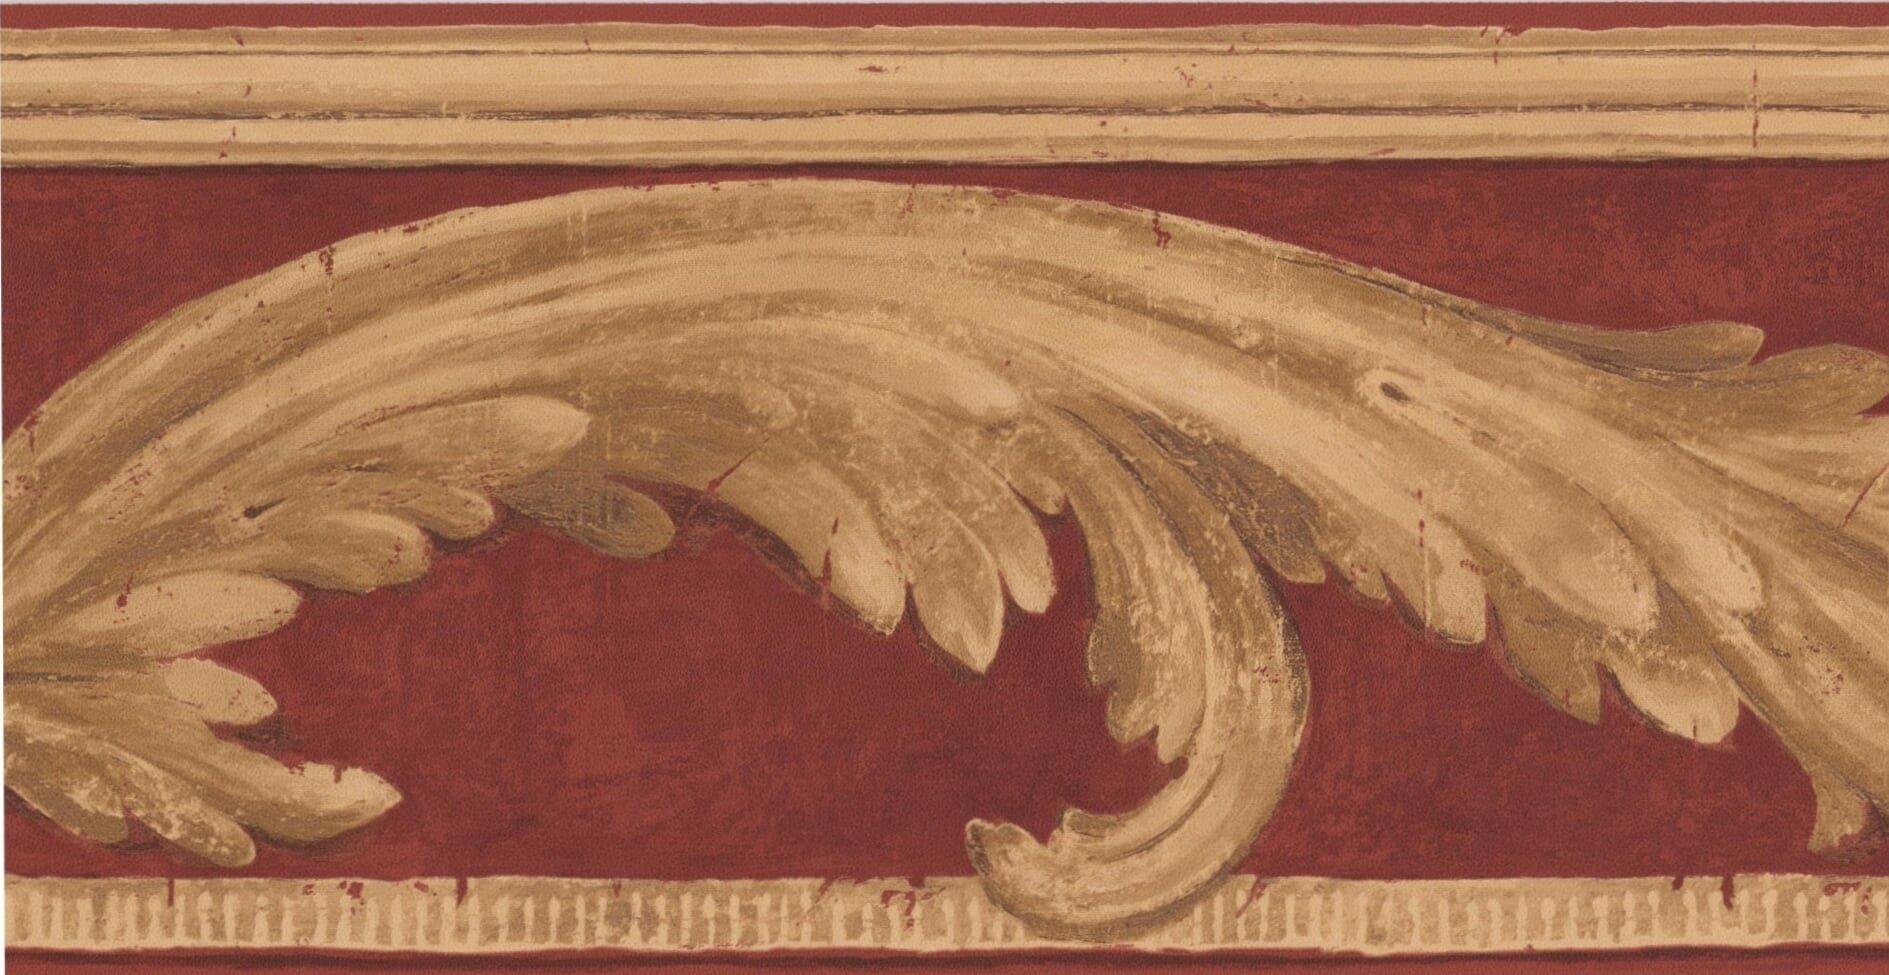 Beige Vine Scarlet Red Damask Victorian Wallpaper Border Vintage Design, Roll 15' x 7''